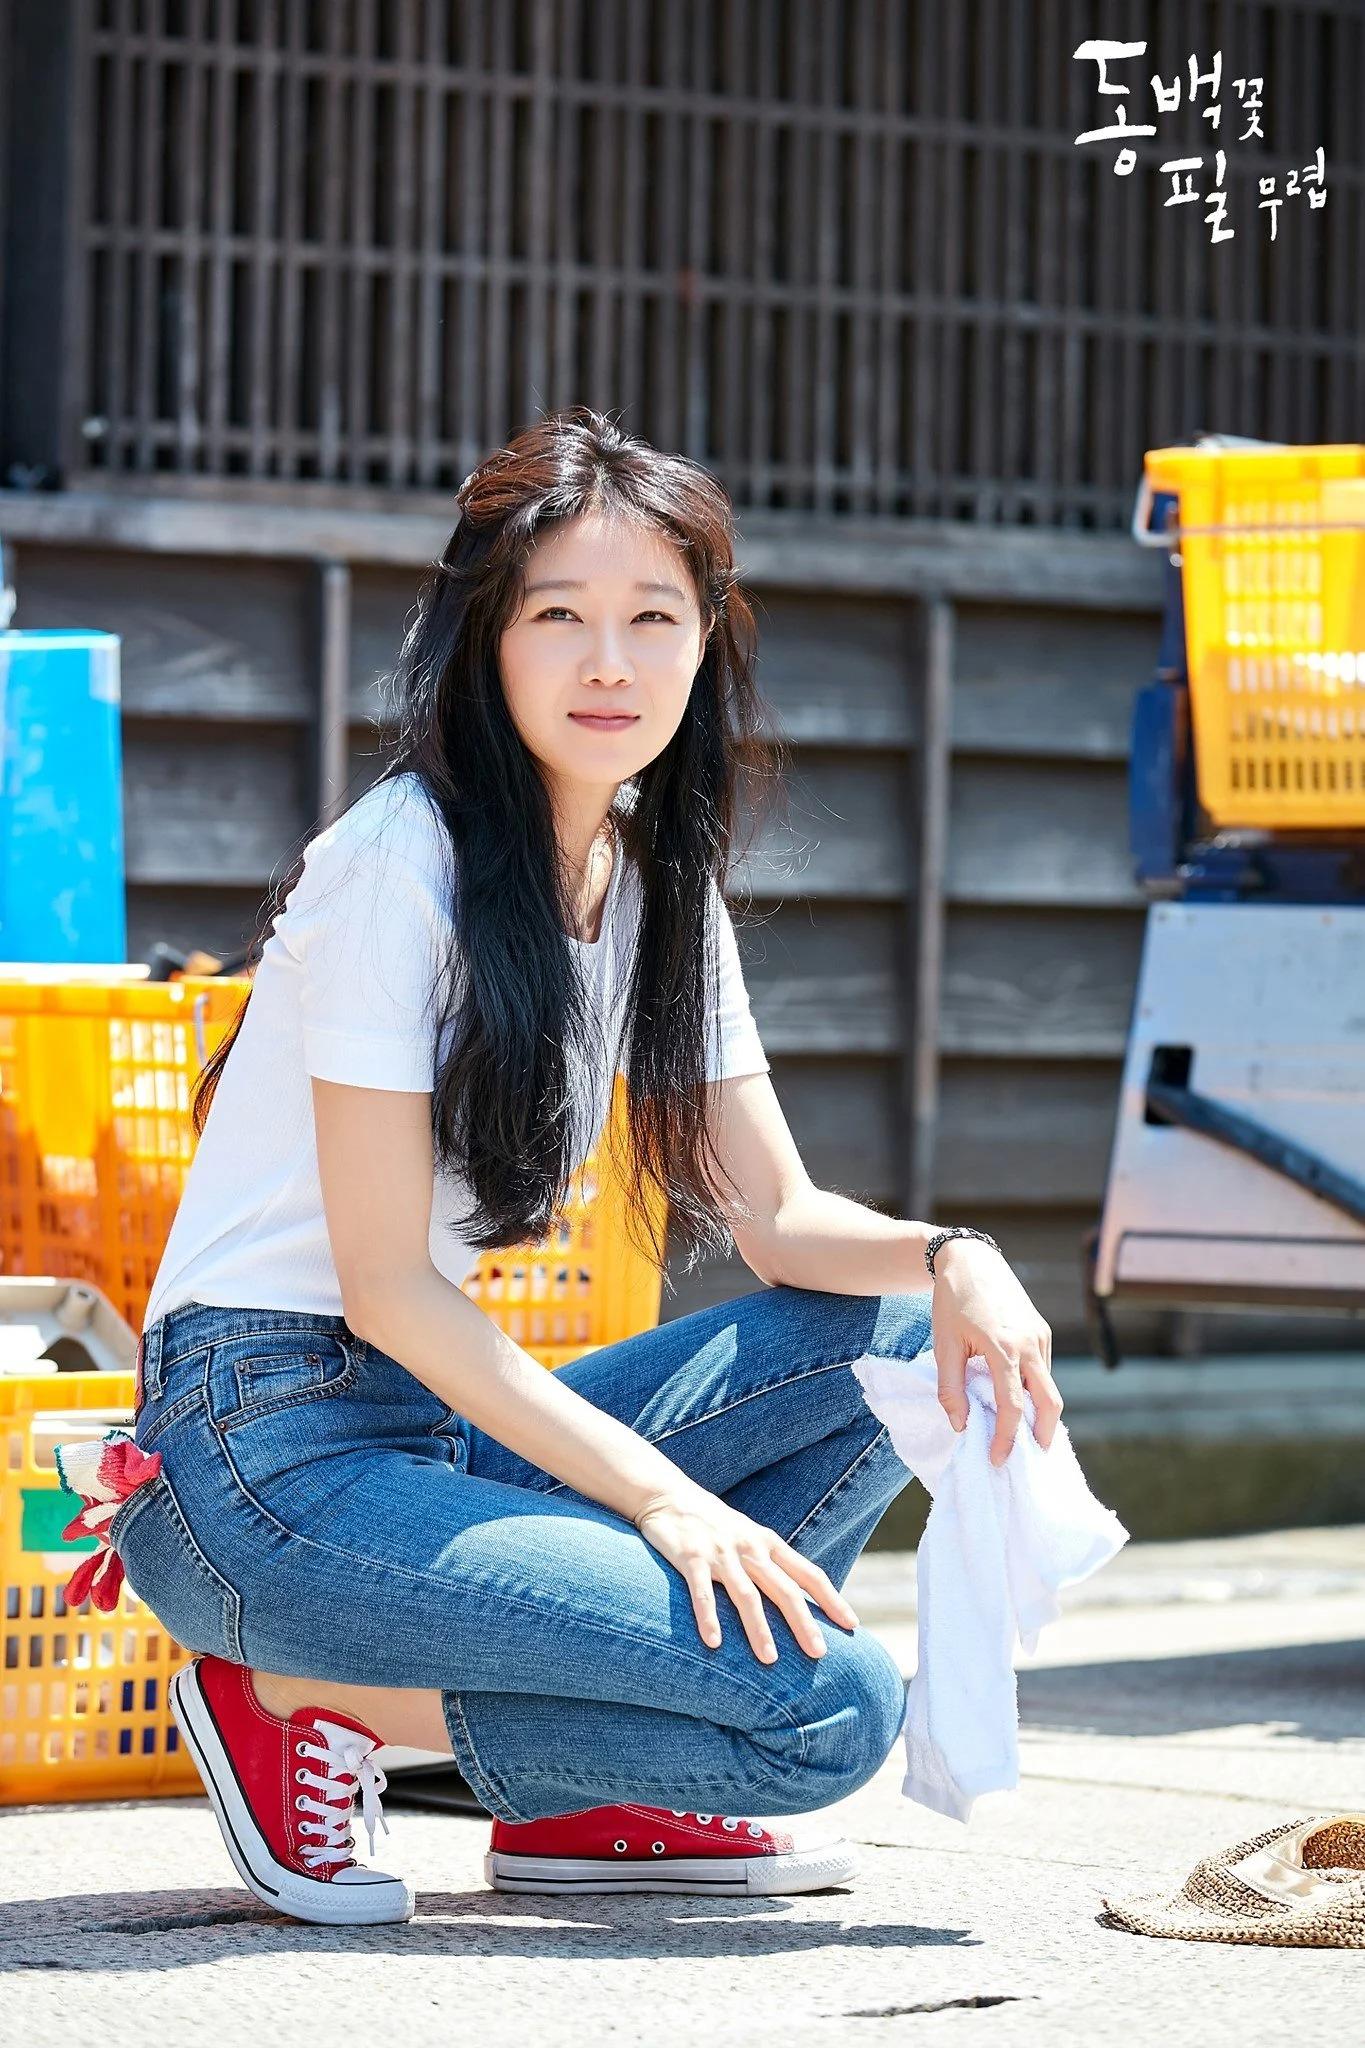 Thời trang trong phim khi hoa trà nở - Gong Hyo Jin mặc áo thun quần jeans mang giày converse